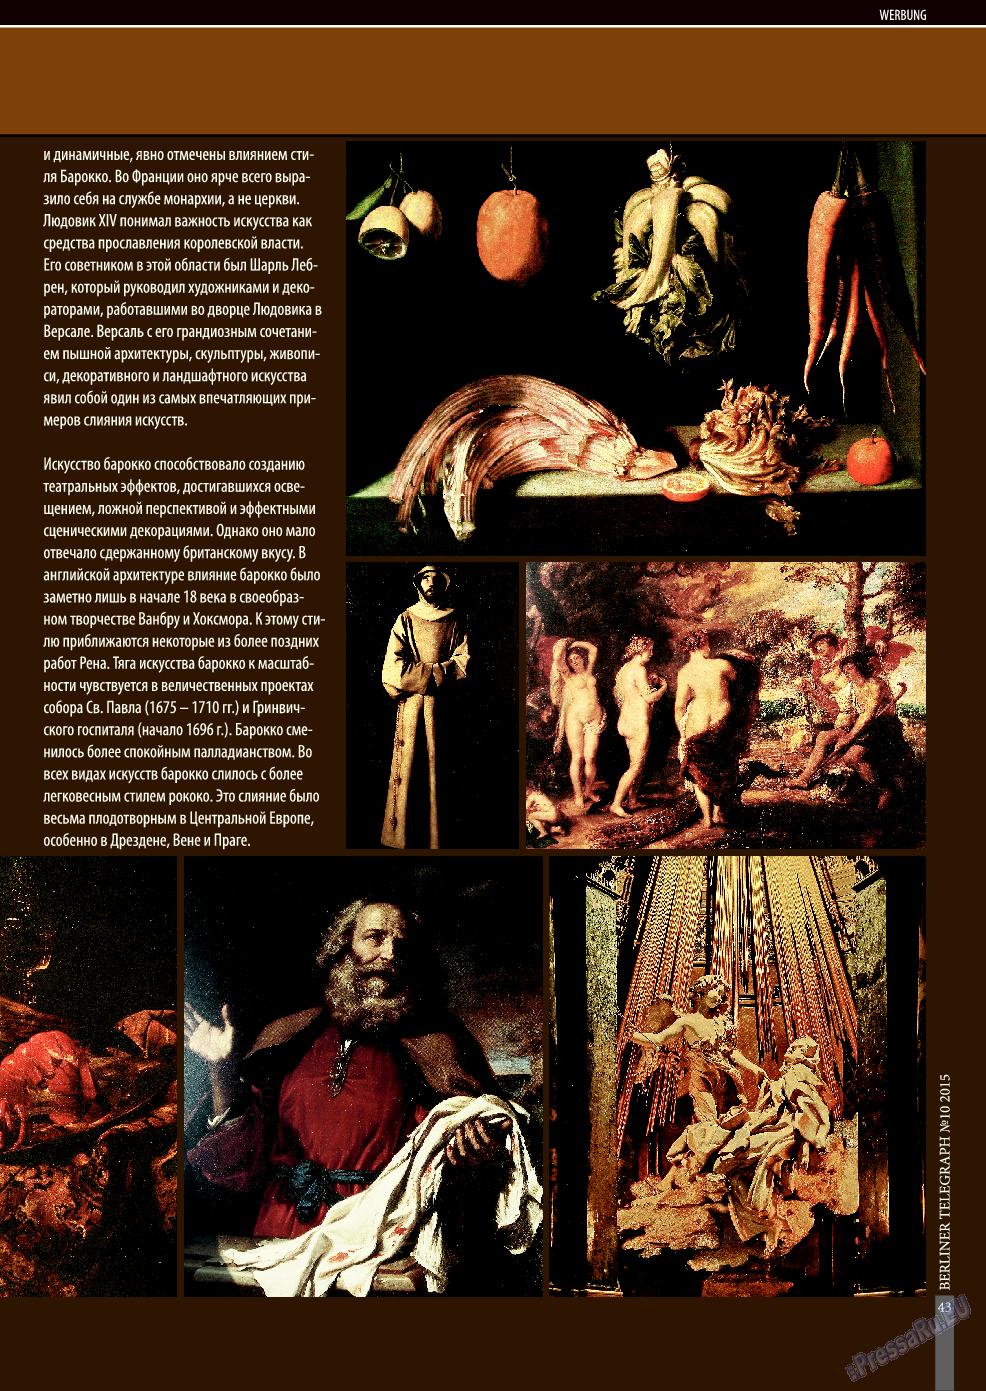 Берлинский телеграф (журнал). 2015 год, номер 11, стр. 43